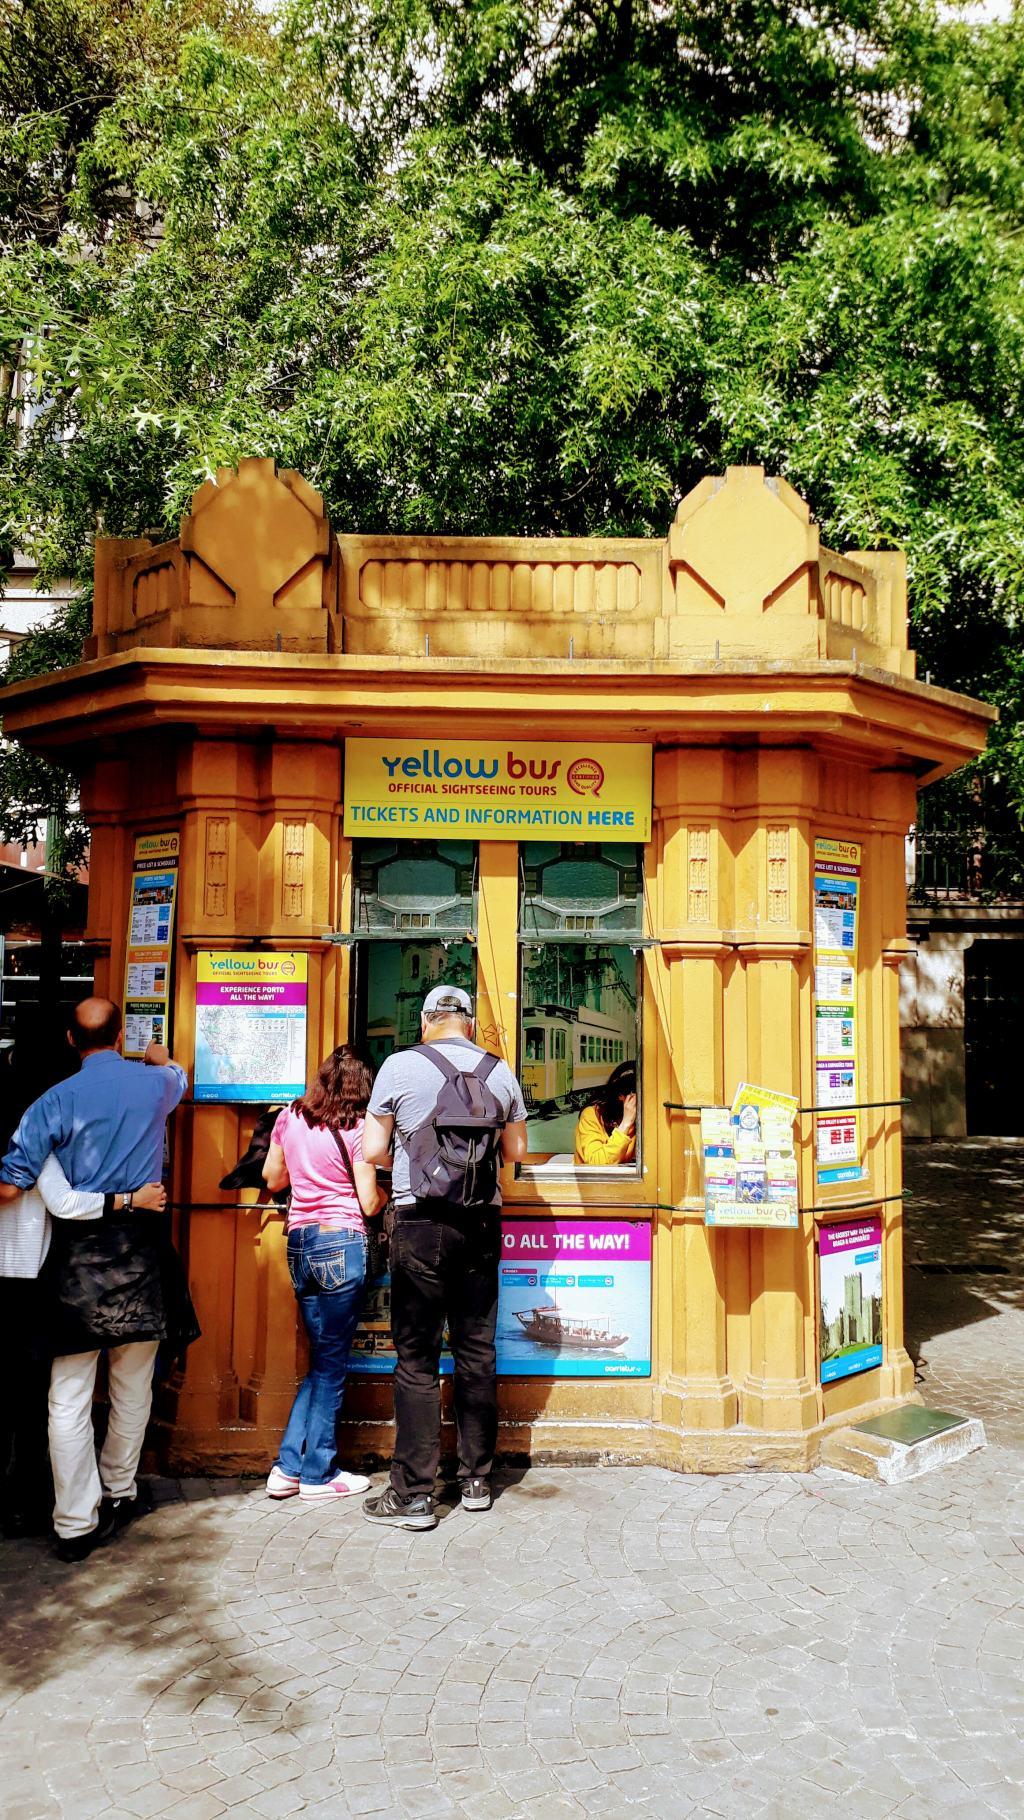 Yellow Bus Kiosk at Praça da Liberdade